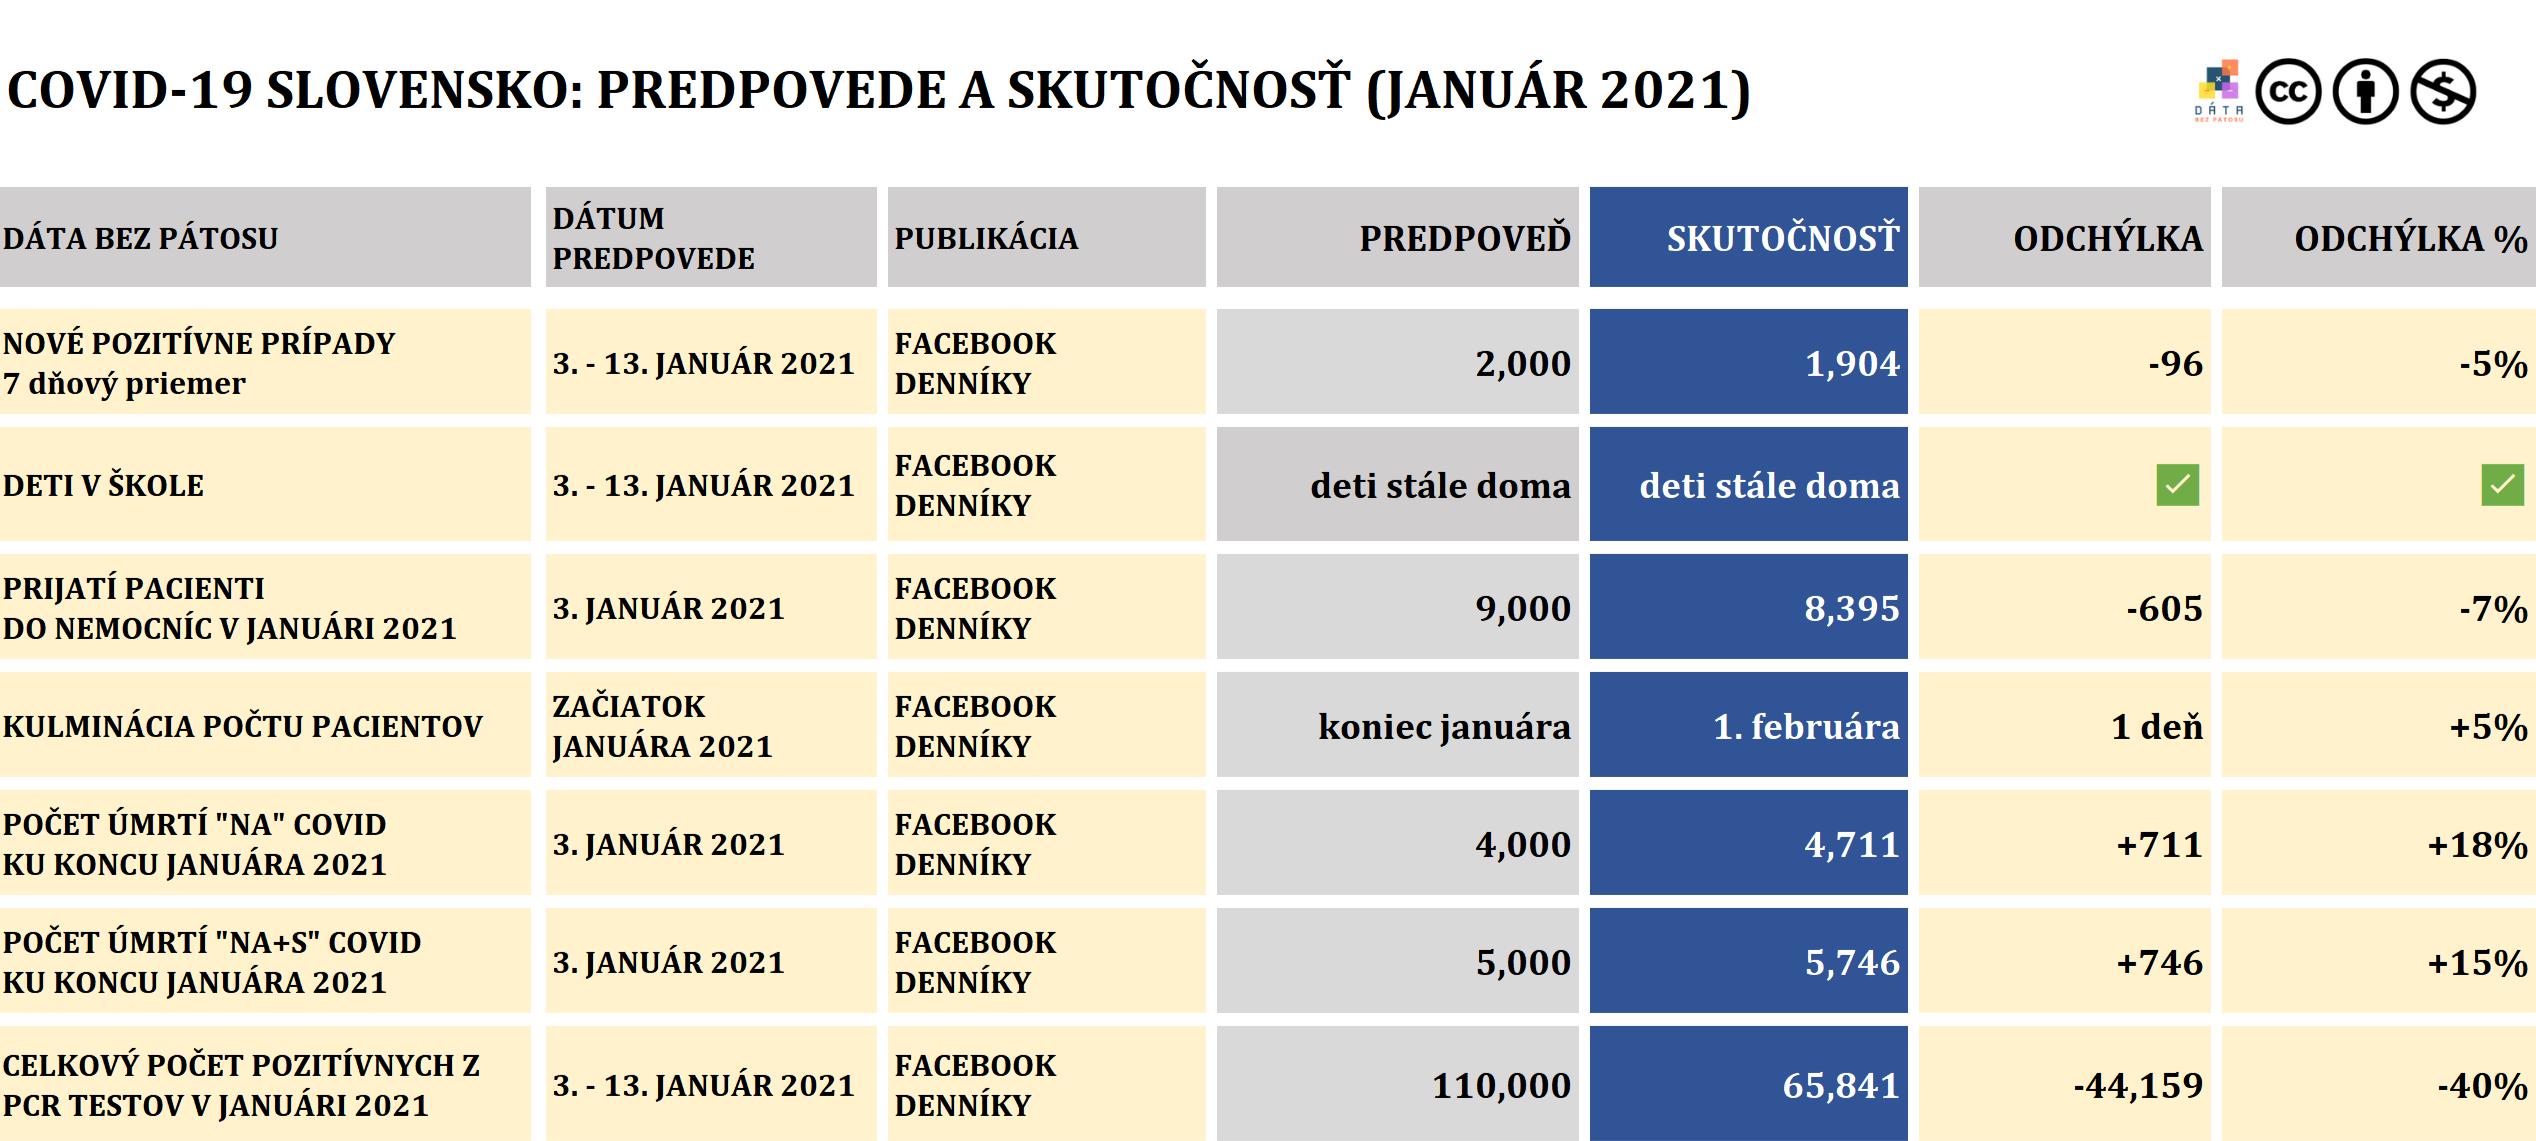 tabuľka predpovede covid-19 január 2021